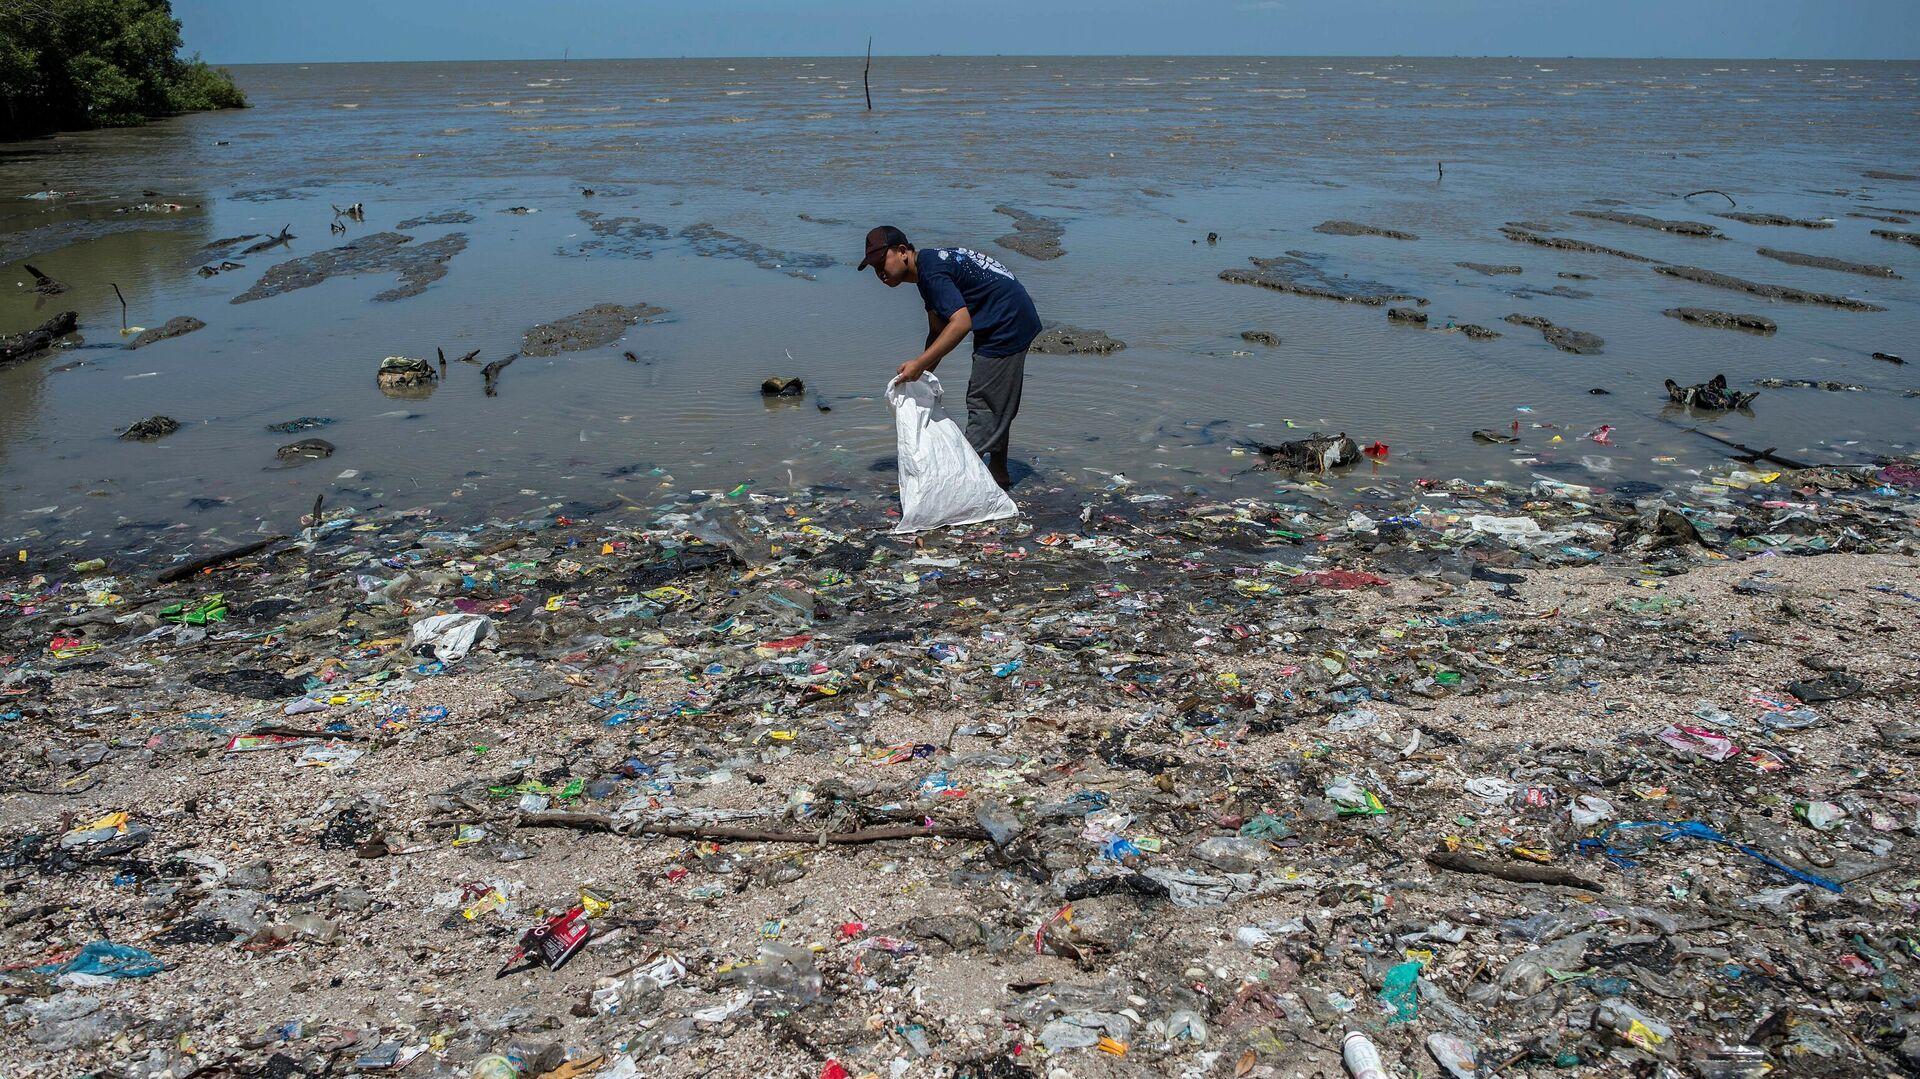 Mit Plastikmüll verseuchter Strand in Indonesien (Archiv) - SNA, 1920, 07.10.2021